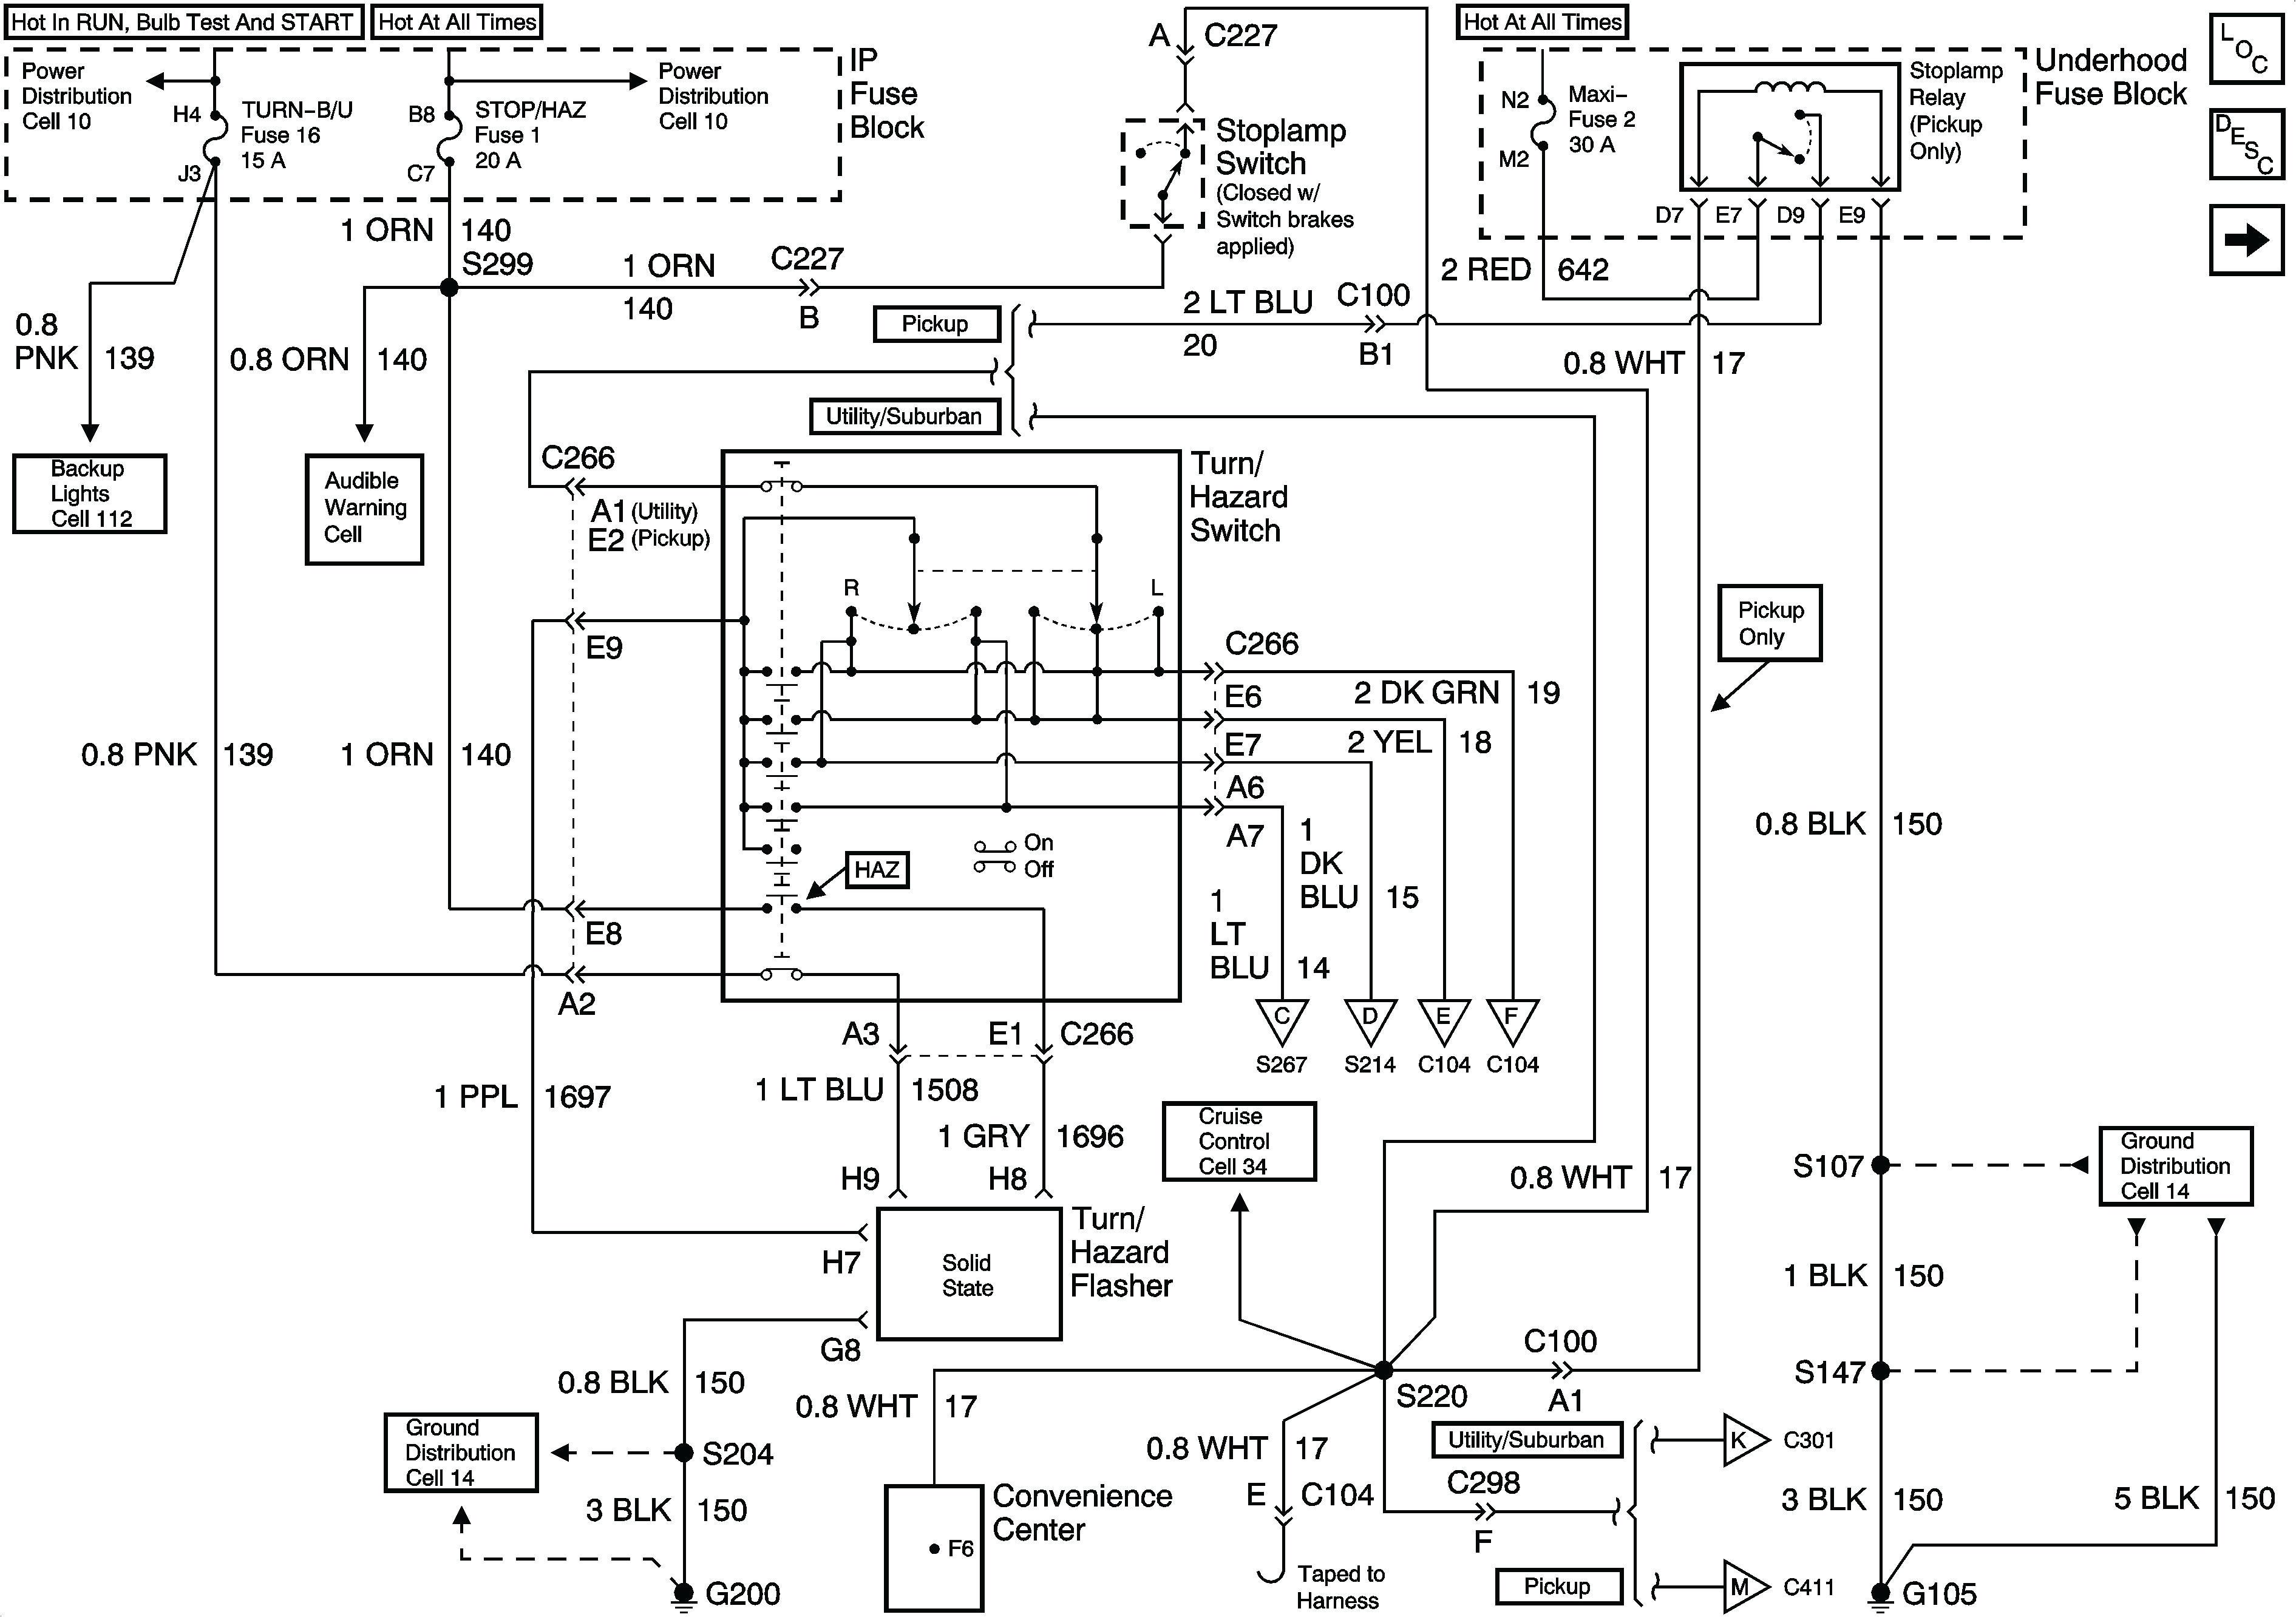 2001nissanmaximawiringdiagram 2001 nissan maxima engine diagram 2001 nissan maxima wiring diagram wiring diagram used 2001 nissan